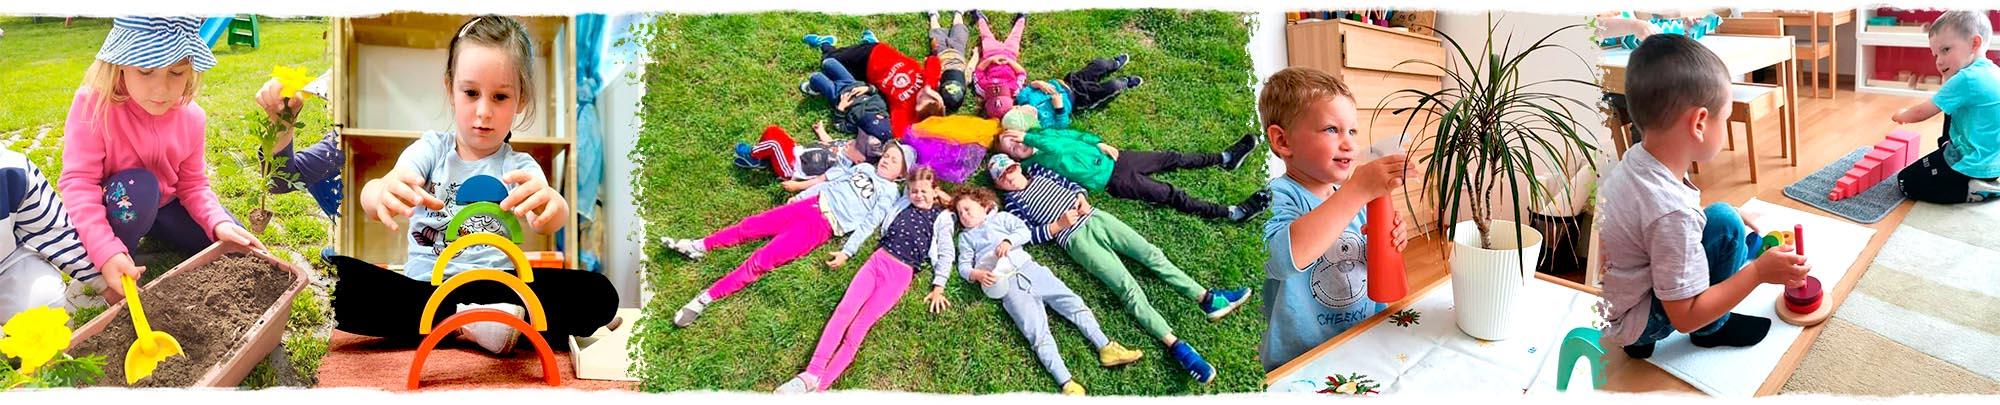 Sme zariadenie rodinného typu, ktoré je inšpirované pedagogickým prístupom Márie Montessori